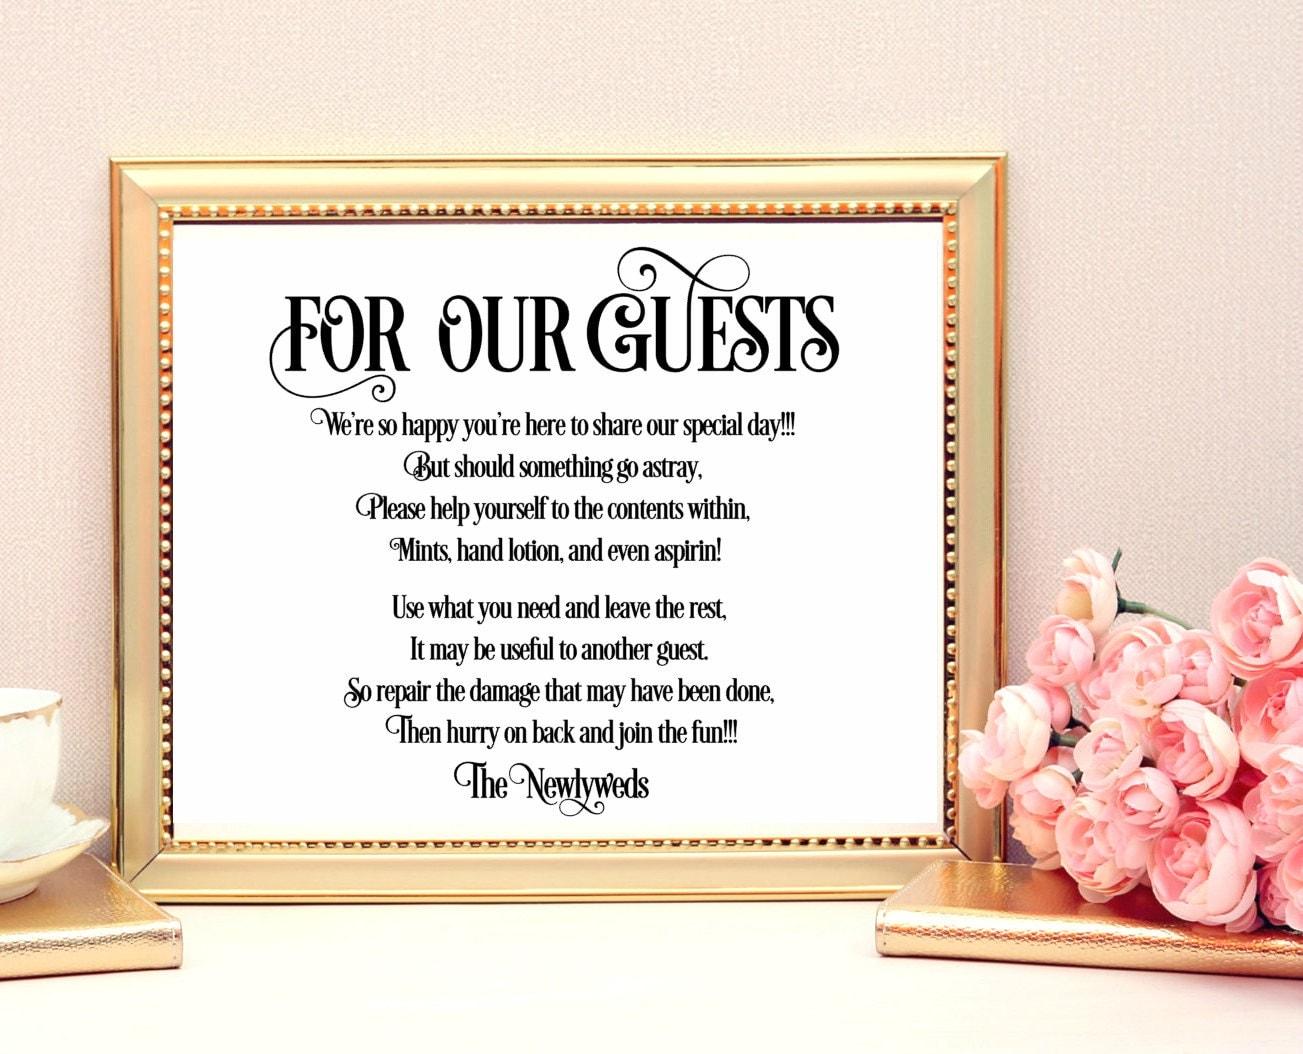 Bathroom signages. Bathroom Wedding Signs. Funny and Cute Restroom Wedding  sign. Wedding Decorations. Bathroom Decorations